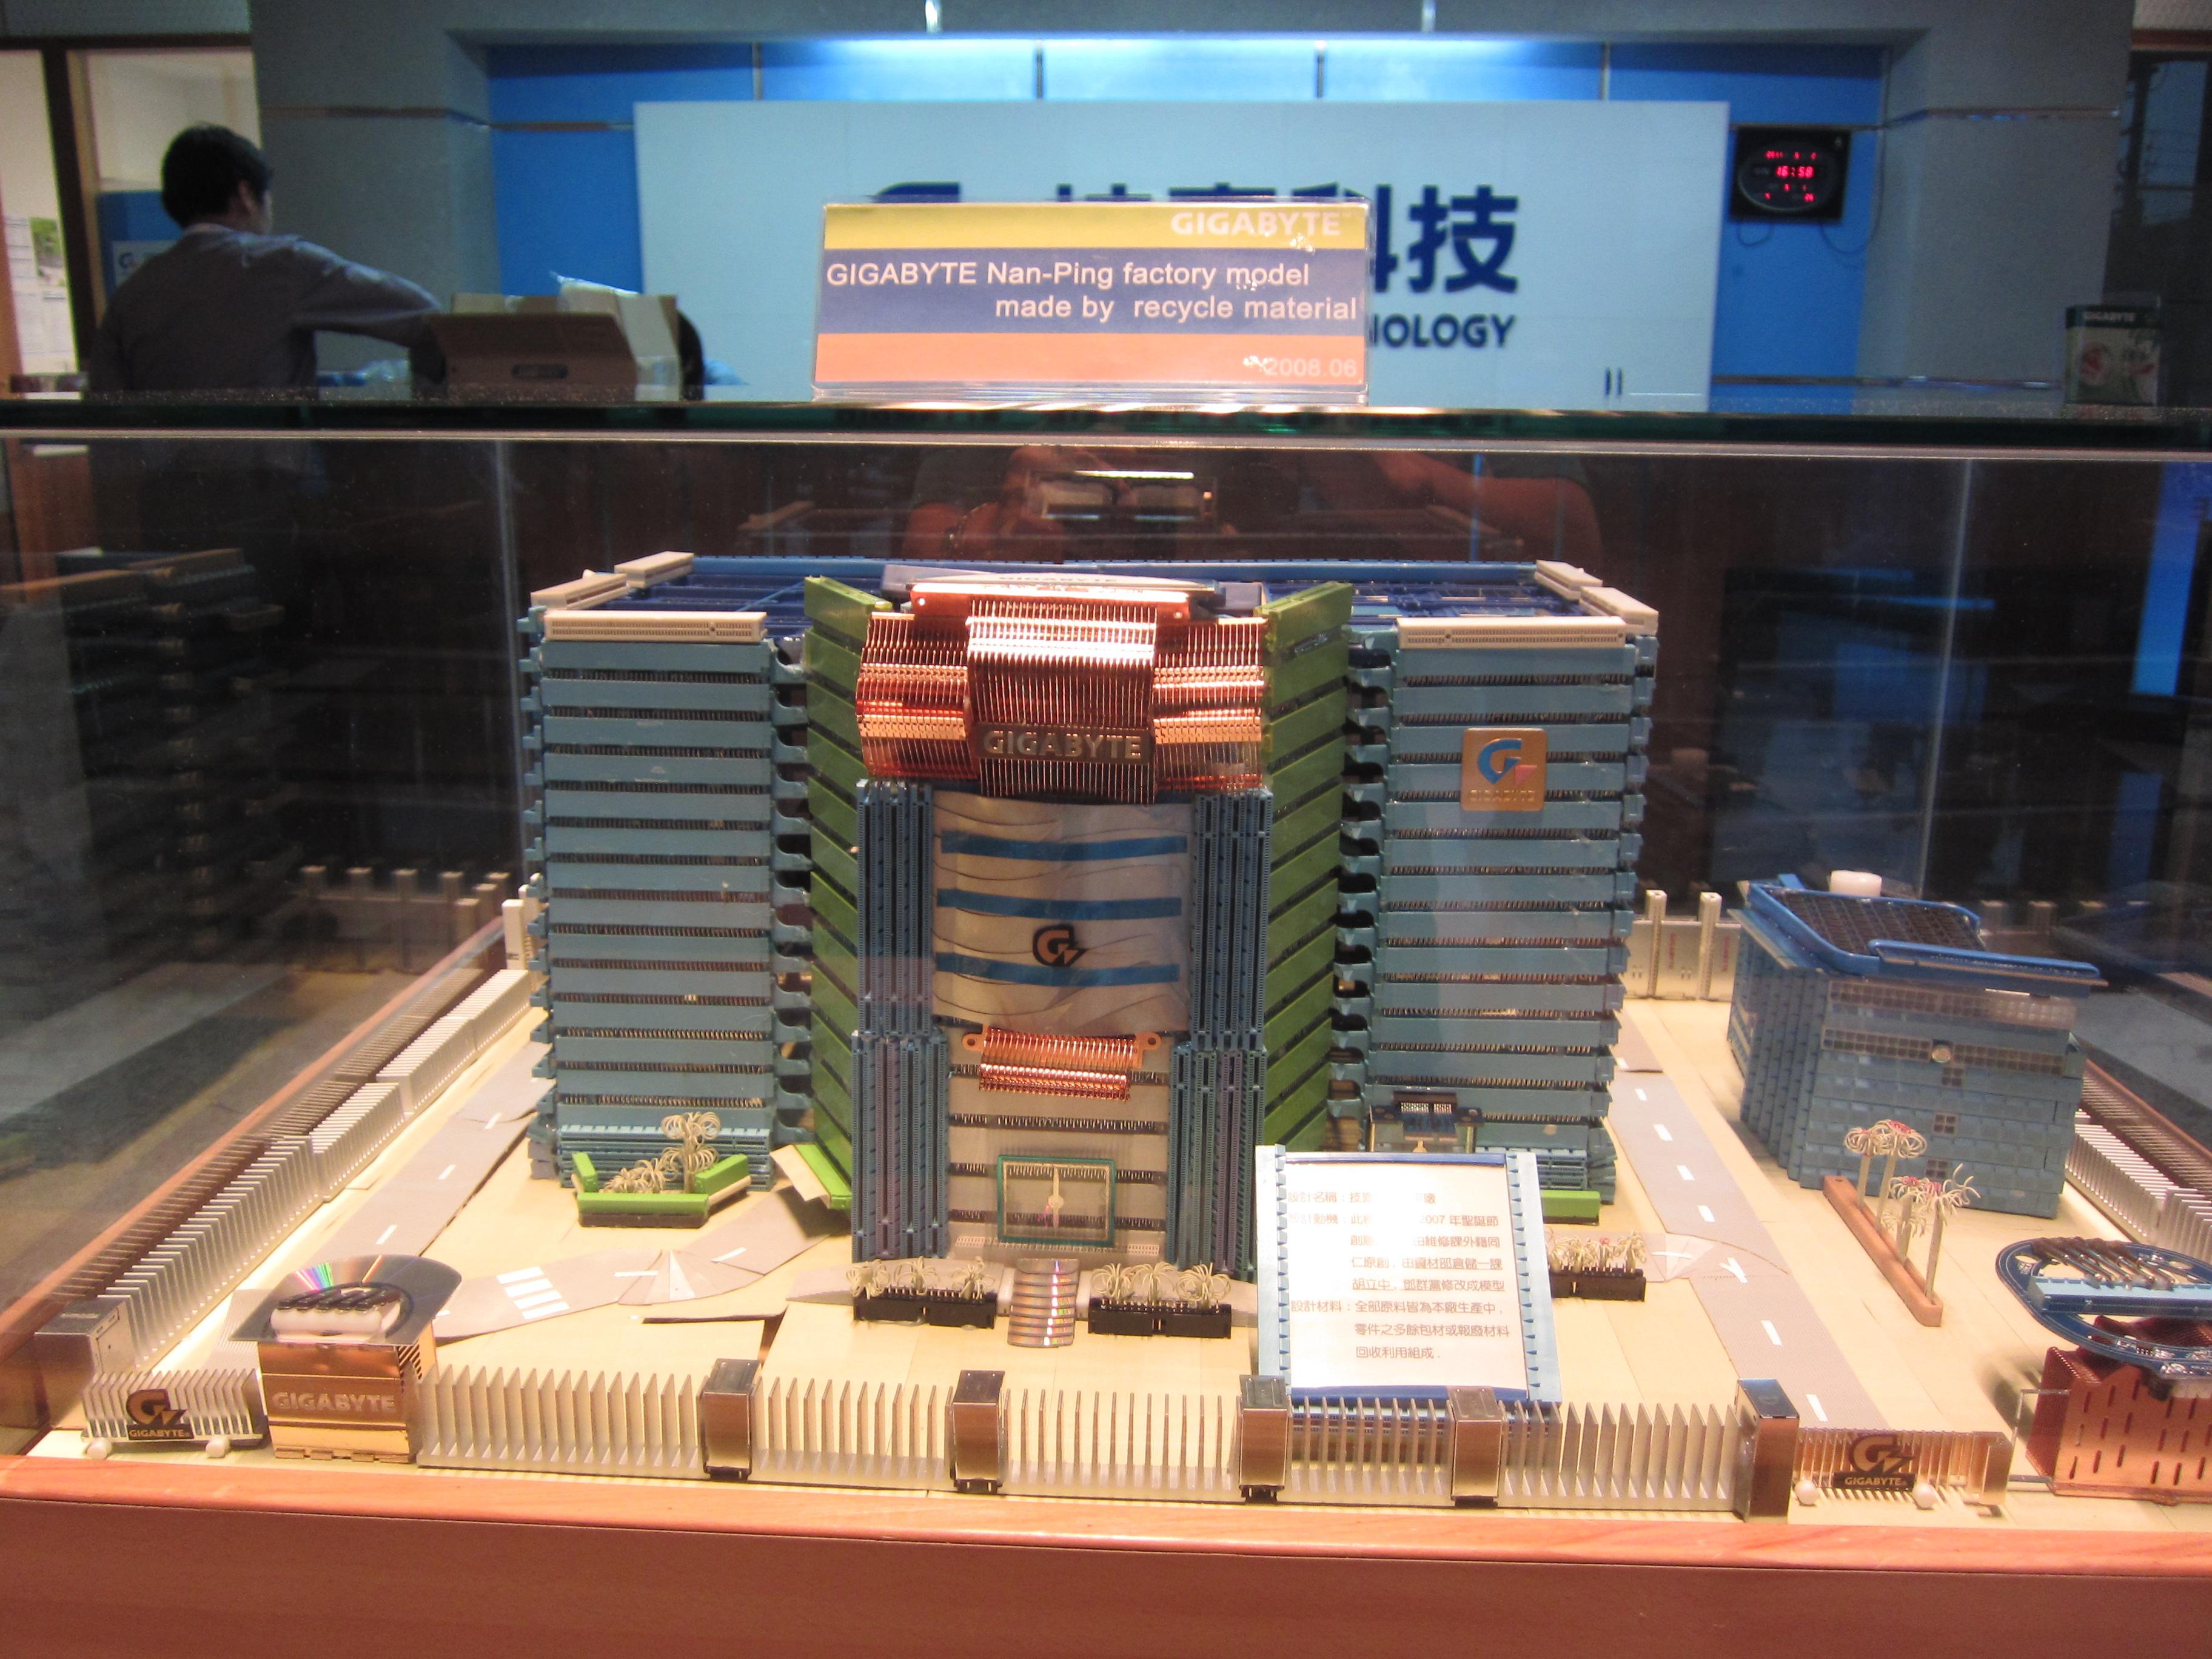 Gigabyte factory model